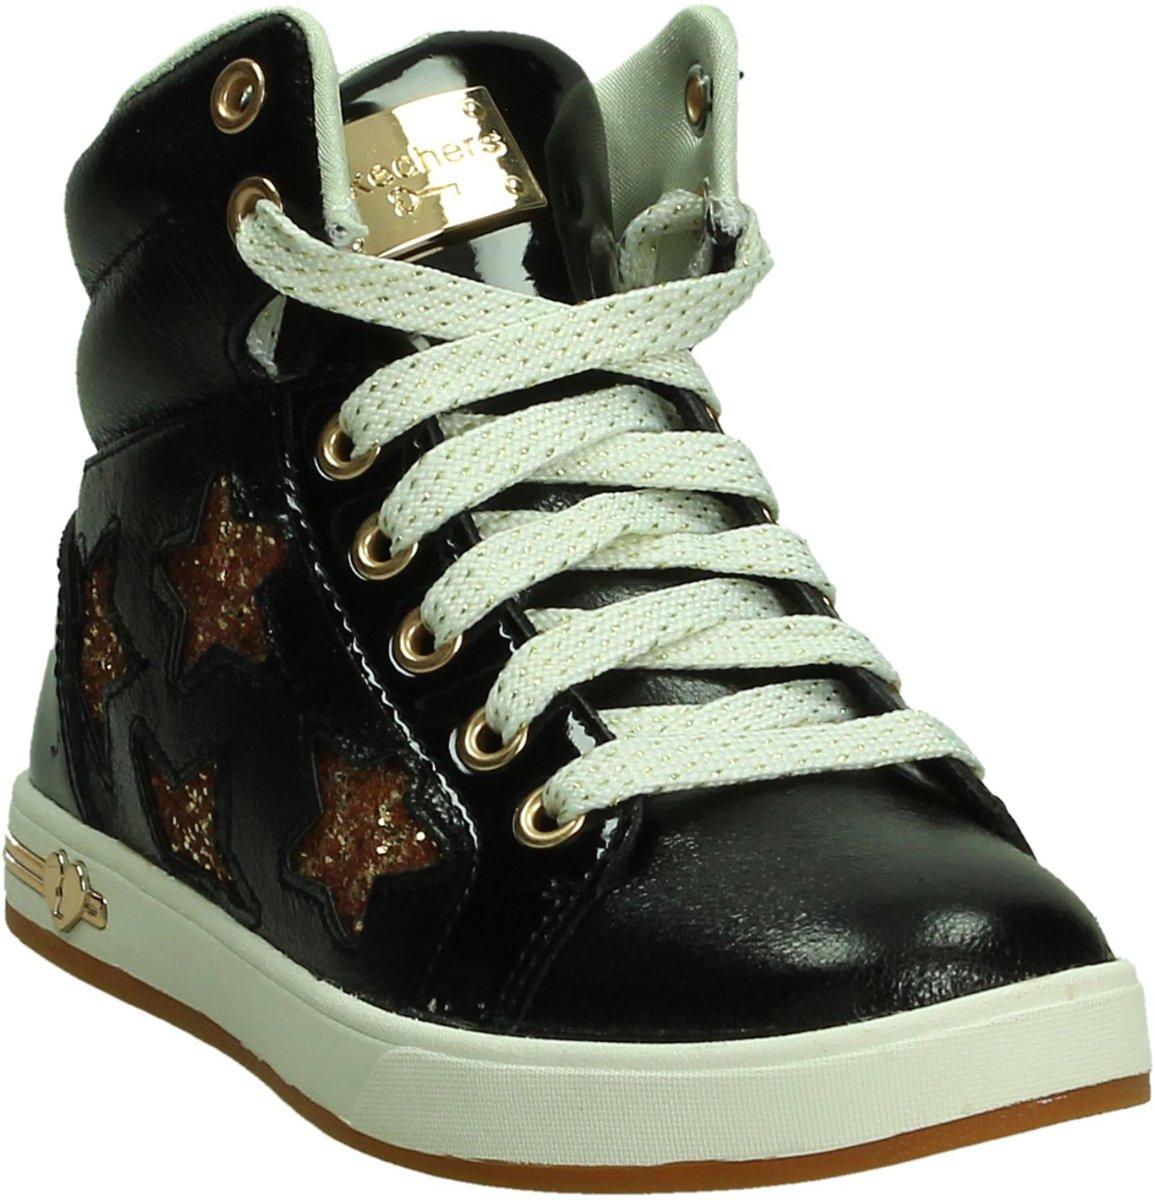 Skechers - 84320 - Sneaker Sportive Haute - Filles - Taille 34 - Noir - Bkgd Or Noir k7Kwr8